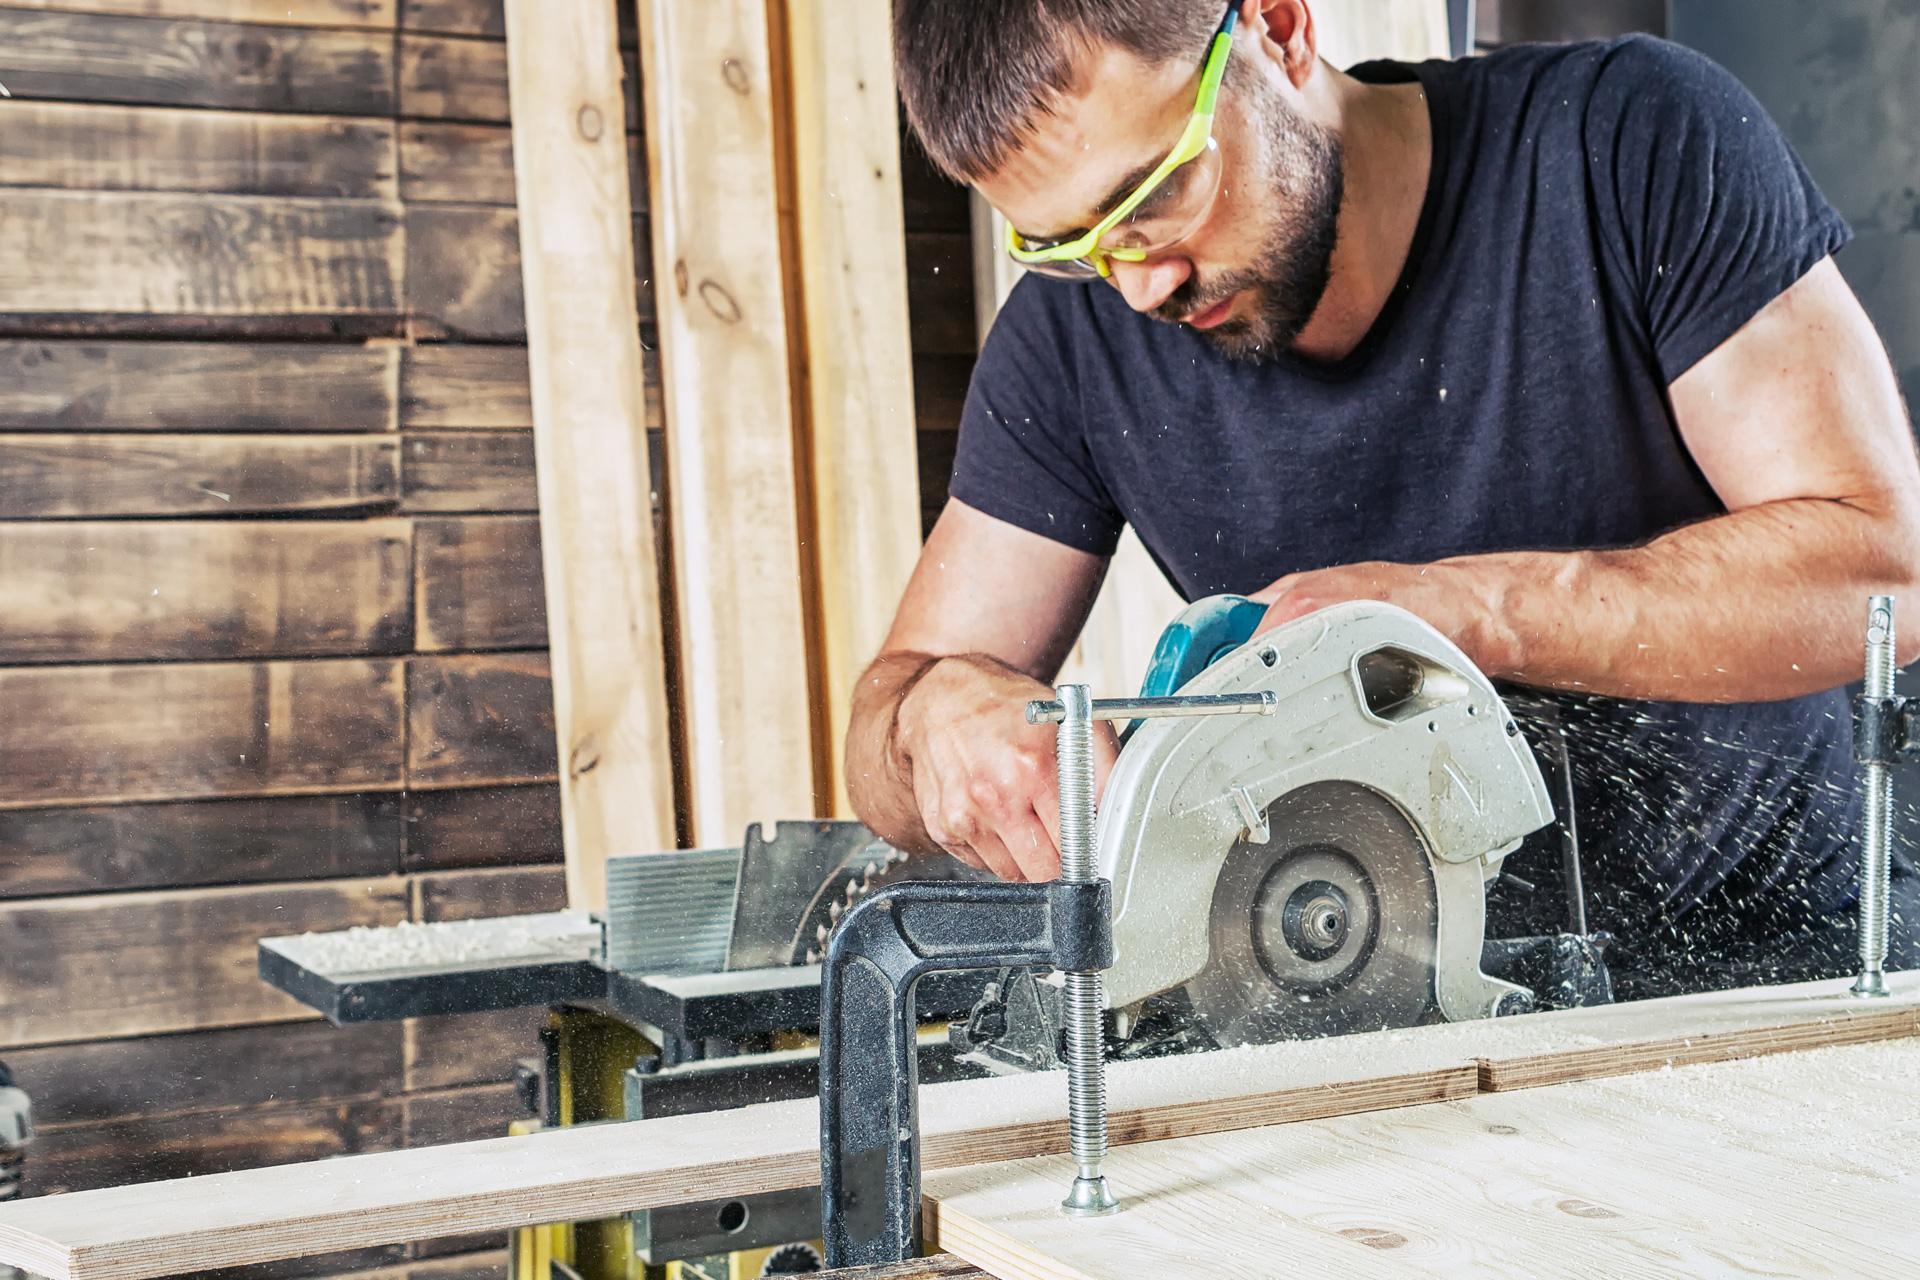 Holzmechaniker/in oder Schreiner/in gesucht